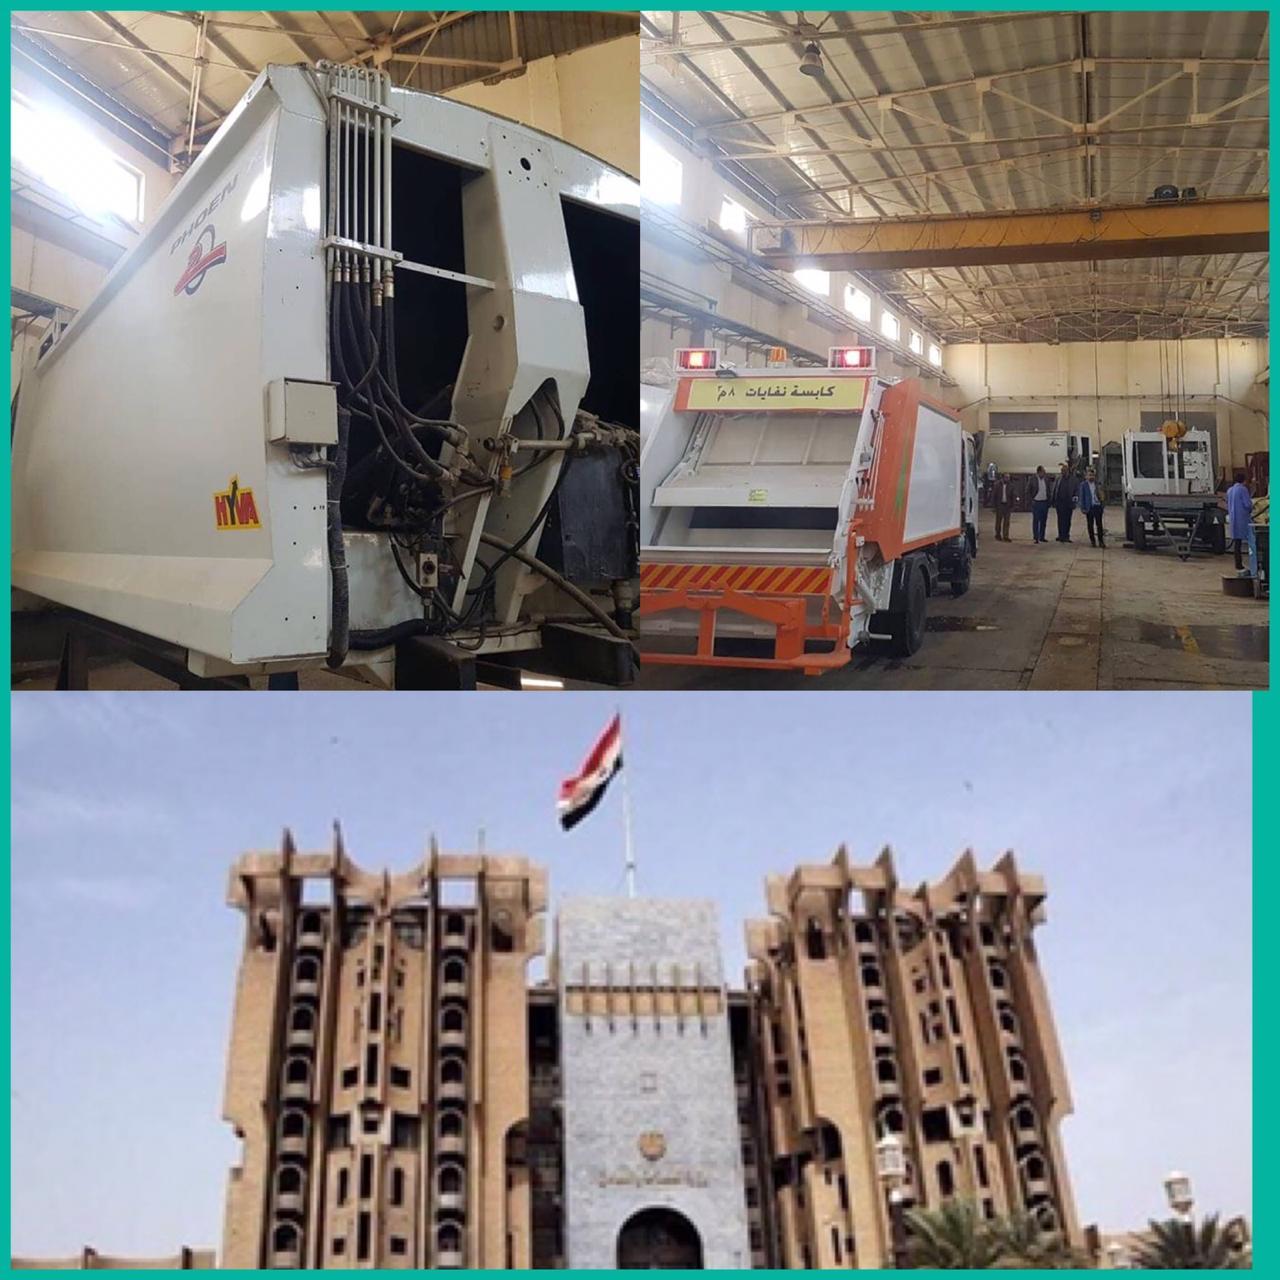 الشركة العامة للصناعات الهيدروليكية العراقية تنجح في تصنيع كابسة نفايات بمميزات خاصة